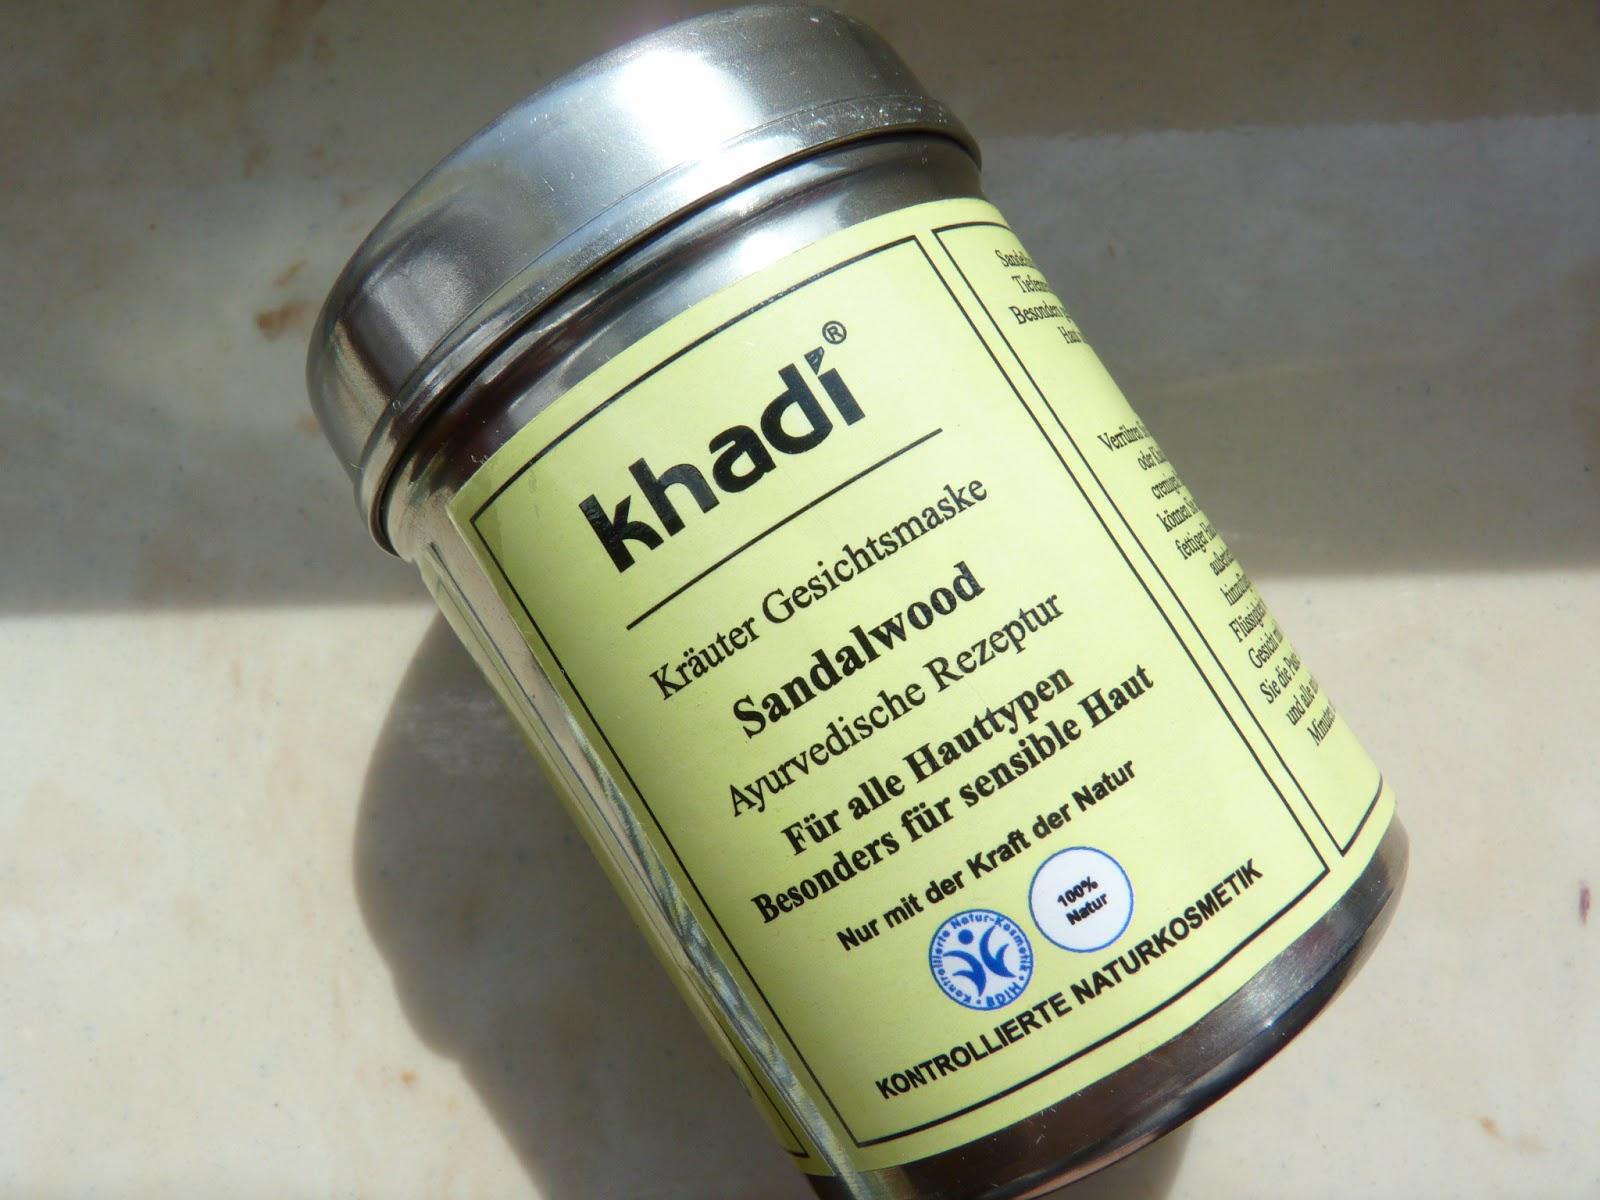 Khadi Maseczka Sandałowa - oczyszczająca cerę przetłuszczającą sie i  problematyczną